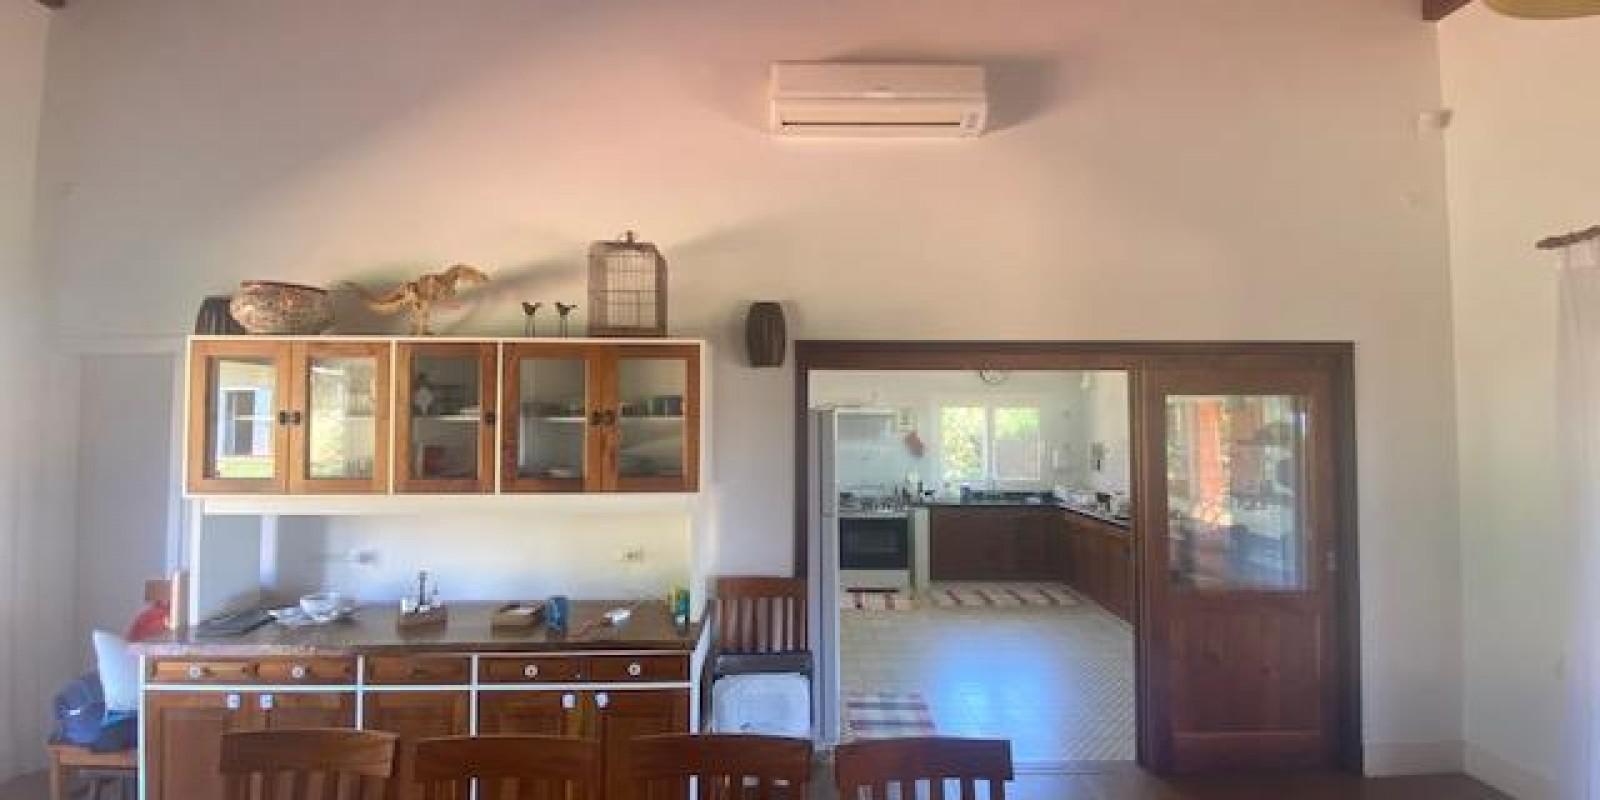 Casa na Represa no Condomínio Parque Náutico em Avaré SP  - Foto 29 de 57